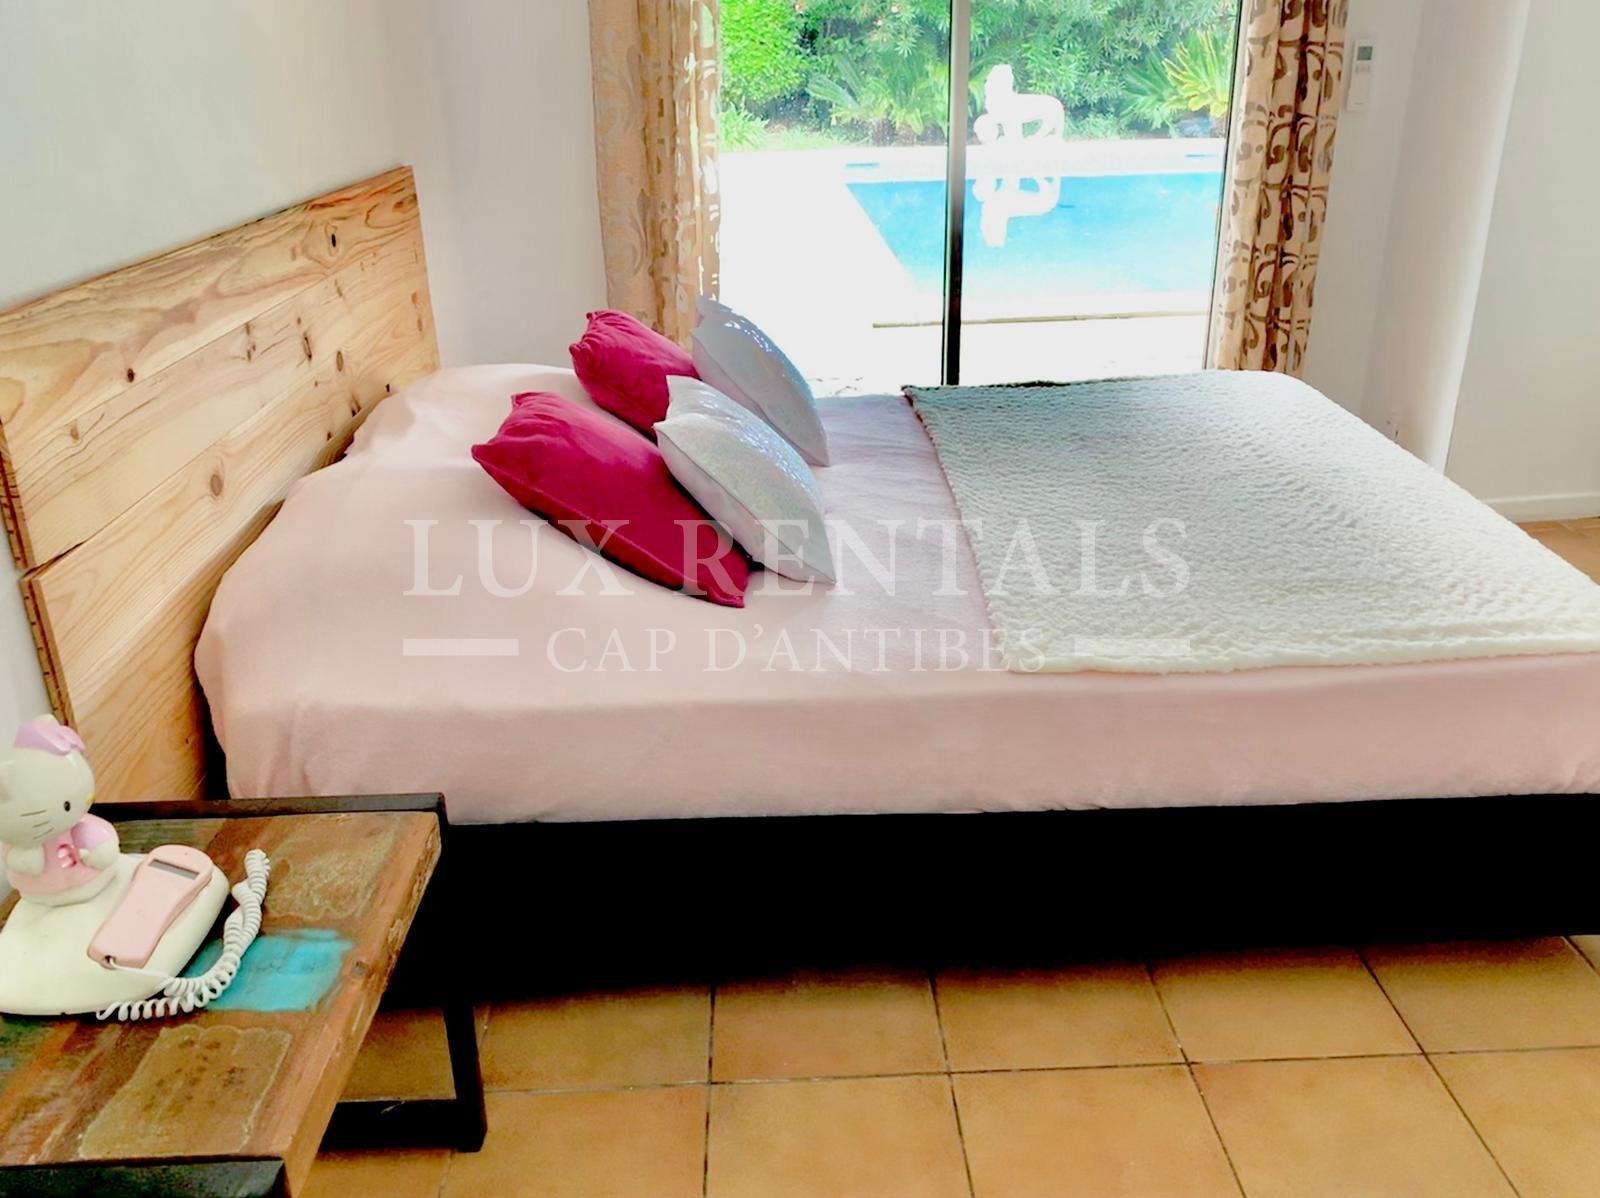 Location saisonnière Villa - Cap d'Antibes